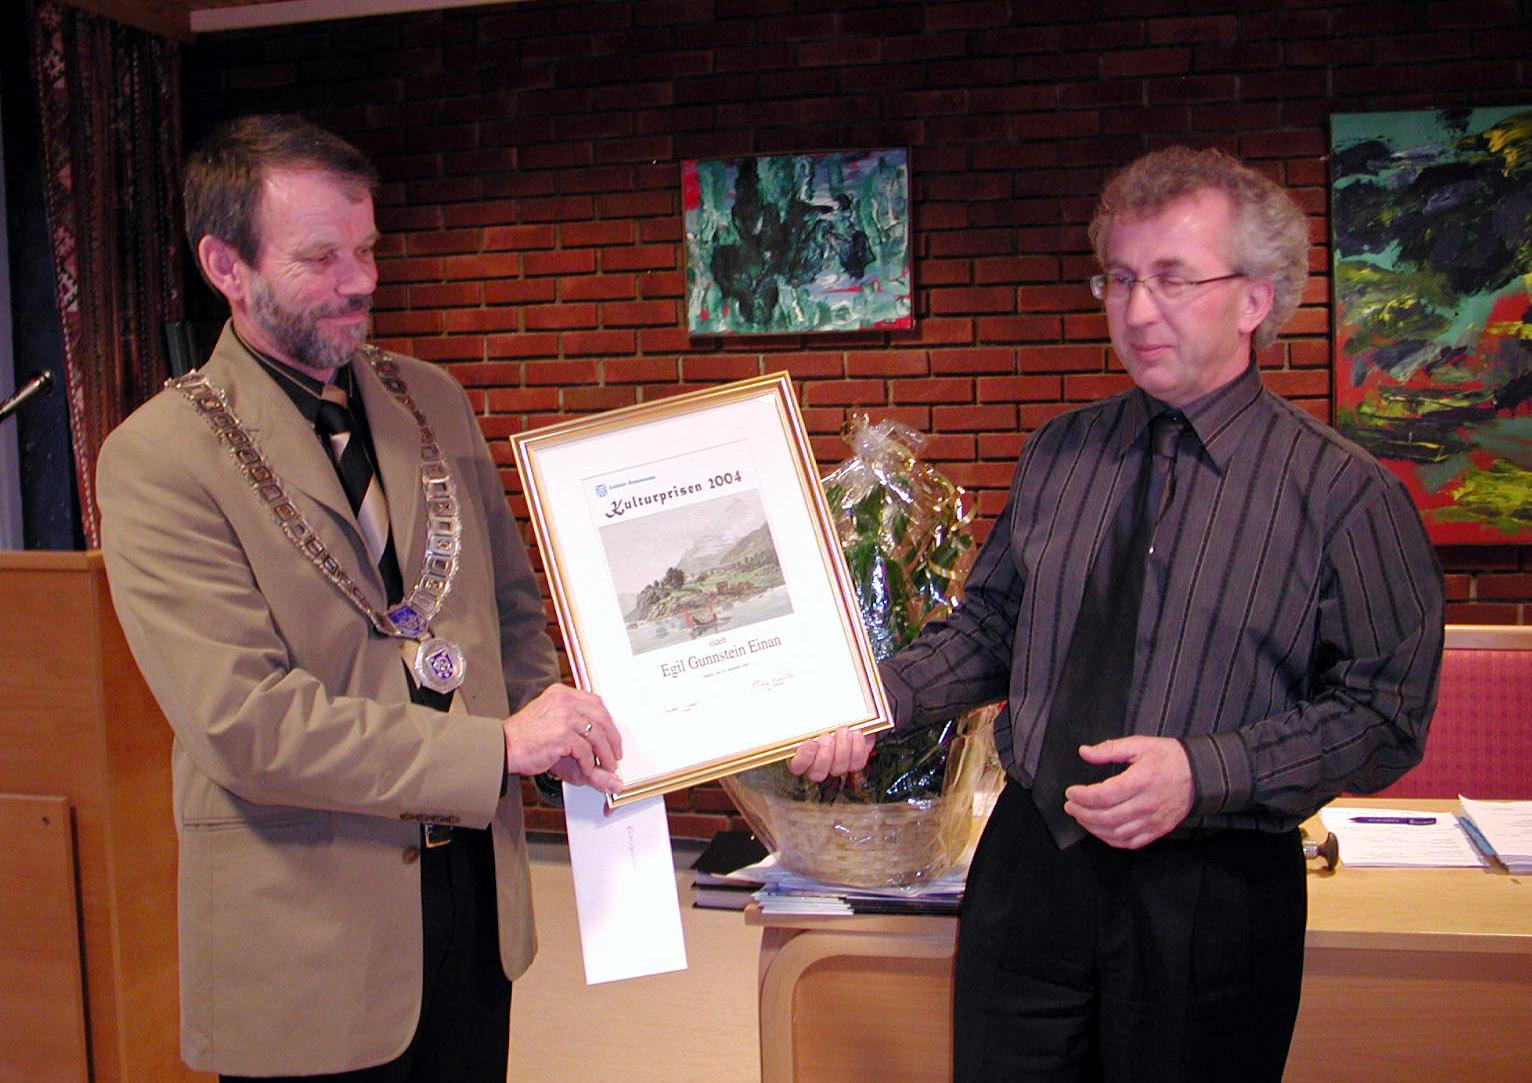 Kulturprisvinnar Egil Einan.jpg